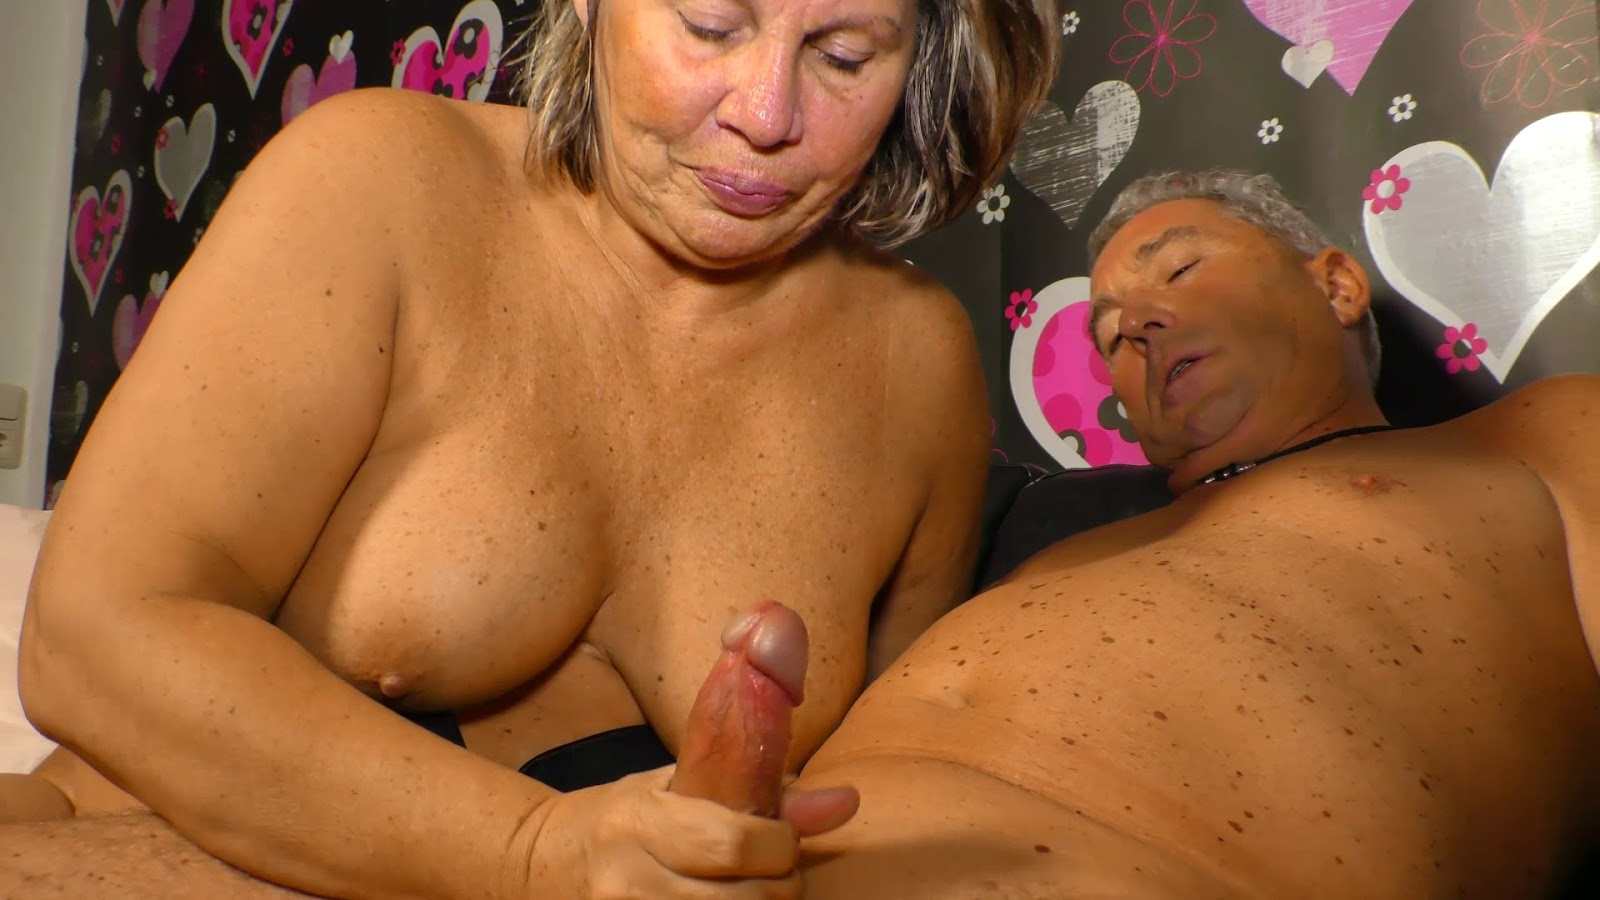 Фото И Ролики Порно Звезд Германии